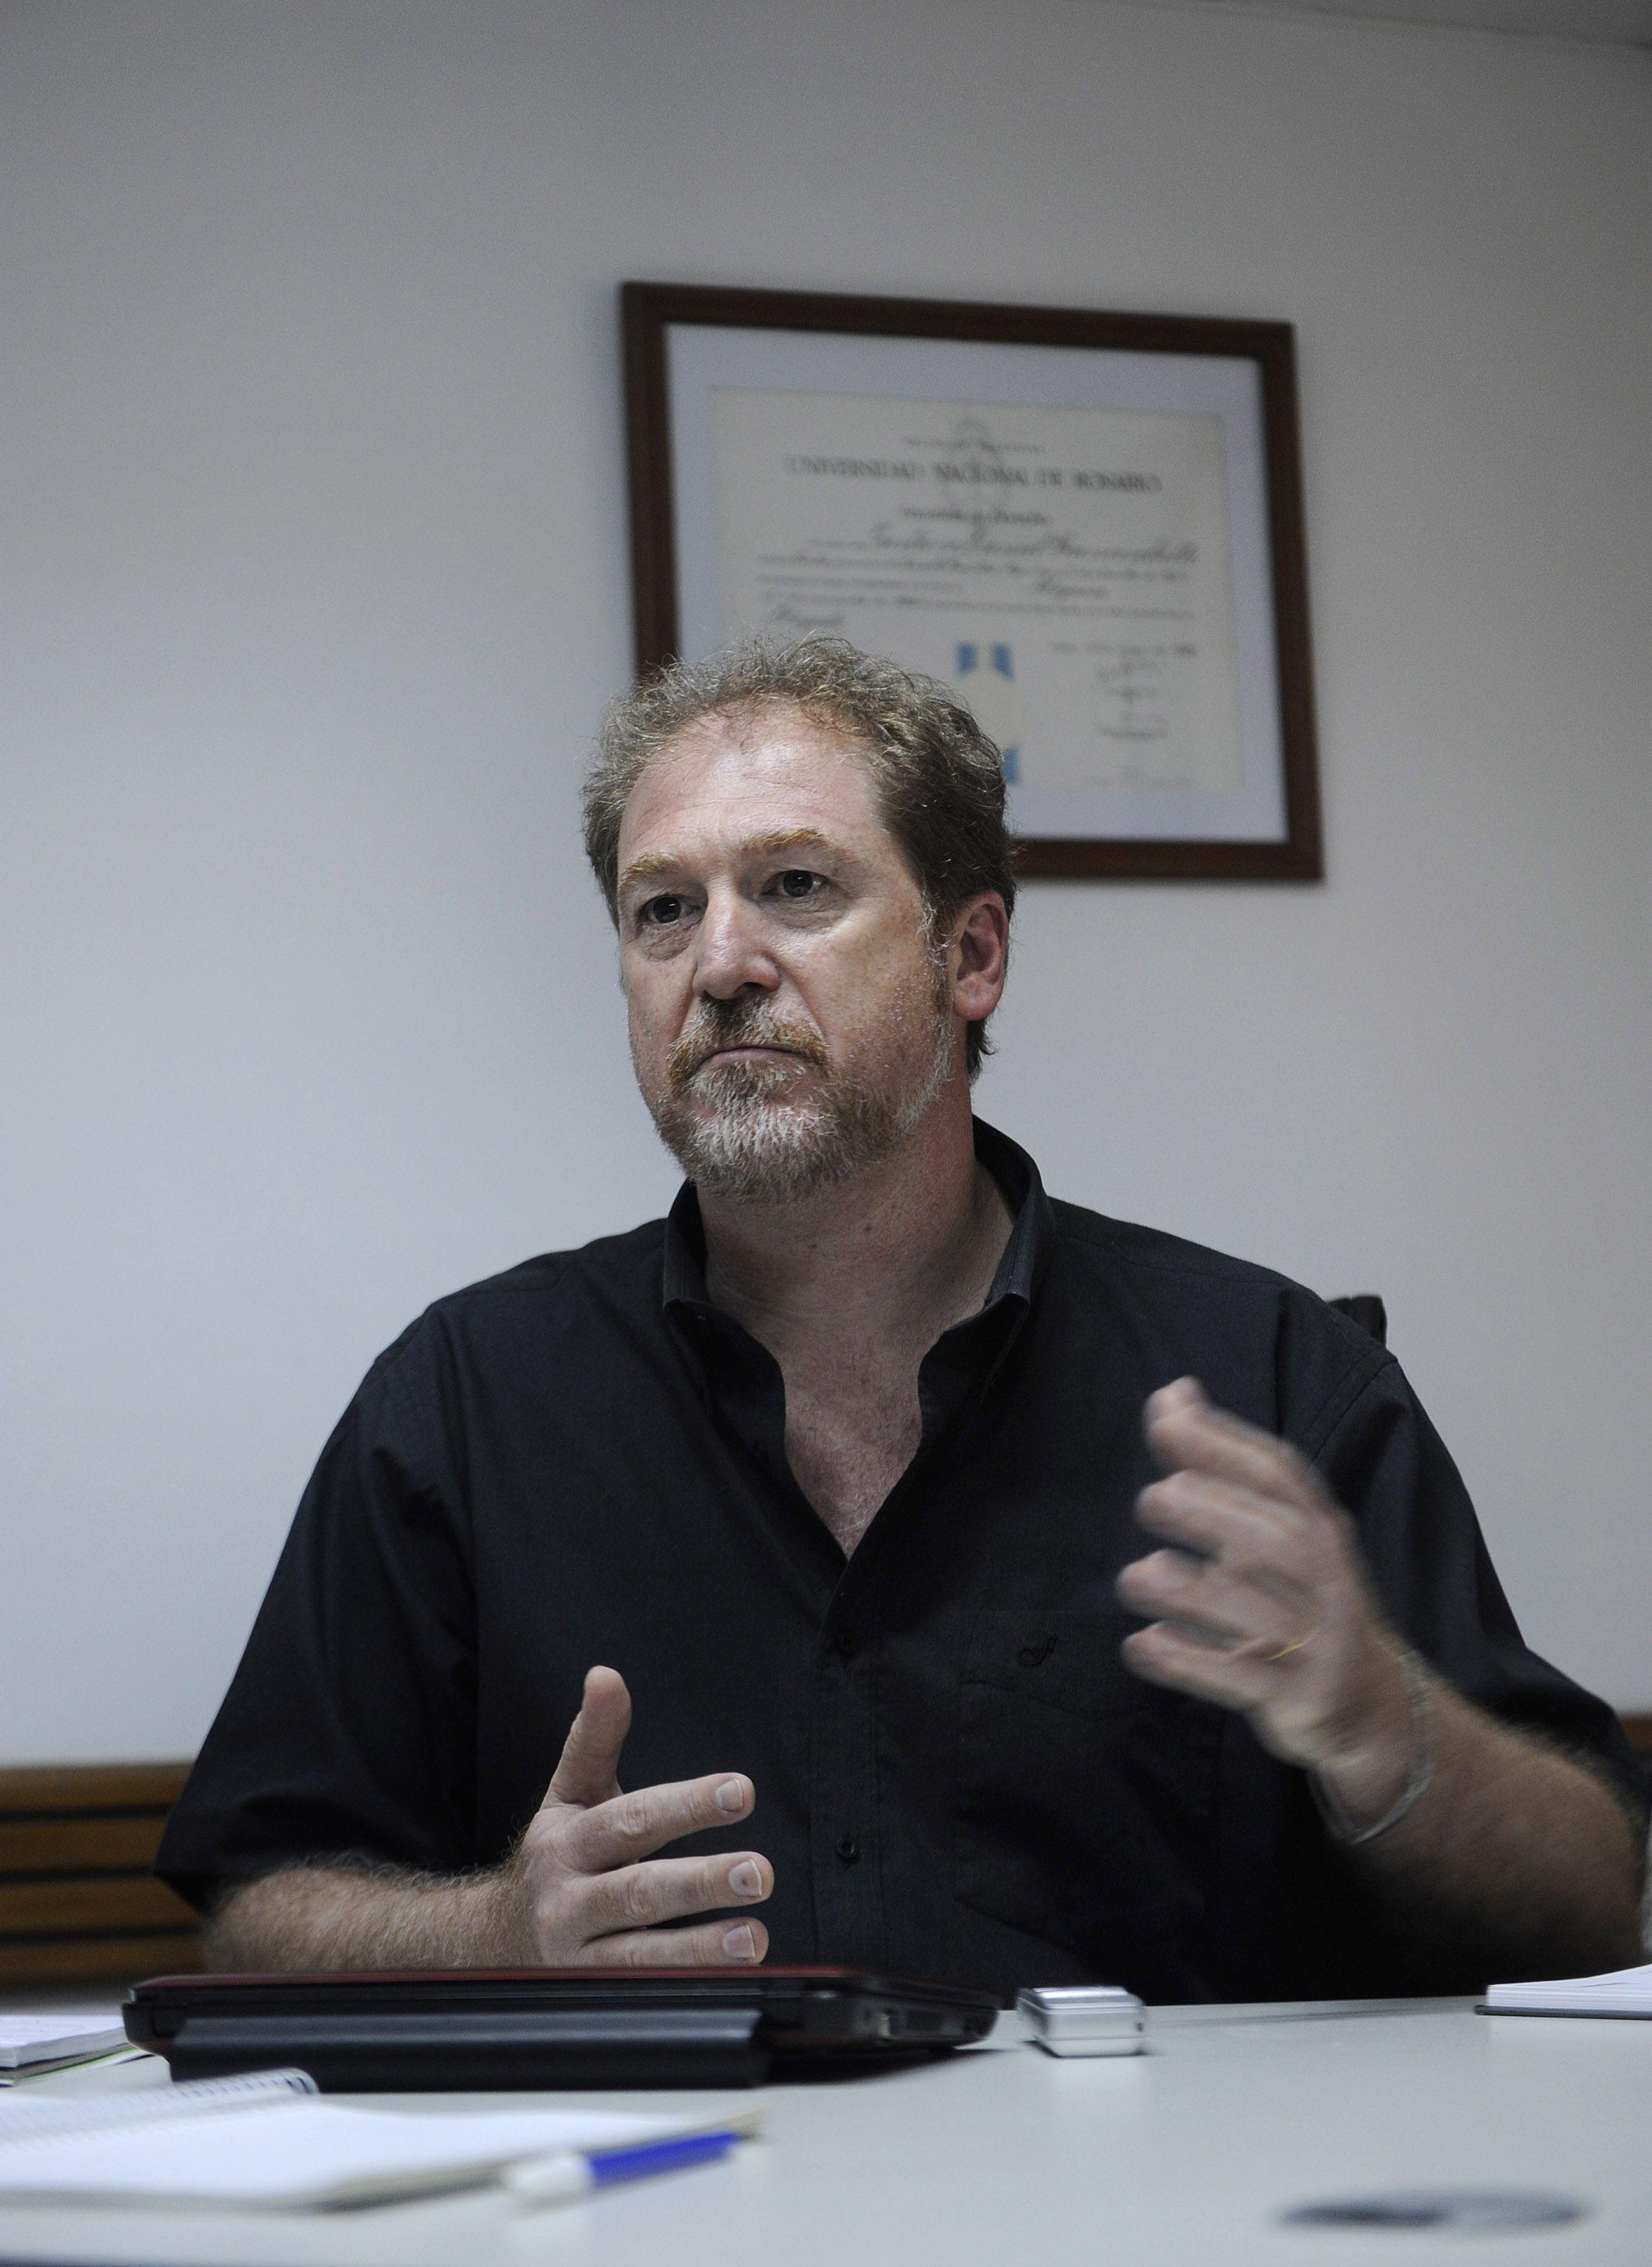 El defensor regional Gustavo Franceschetti cuestionó el procedimiento.